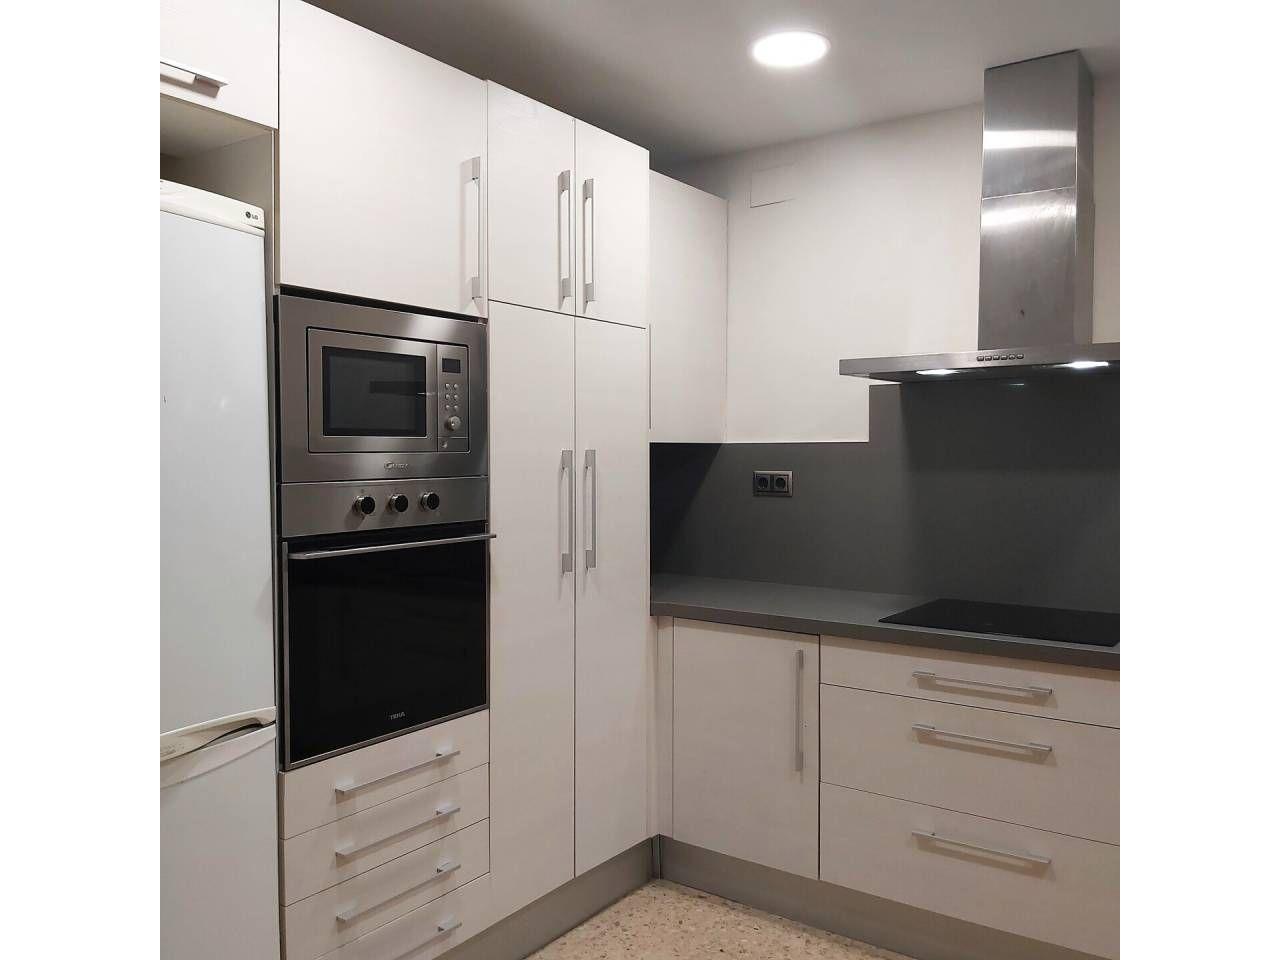 Lloguer Pis  Valls. Altura piso 1º, piso superficie total 85 m², superficie útil 85